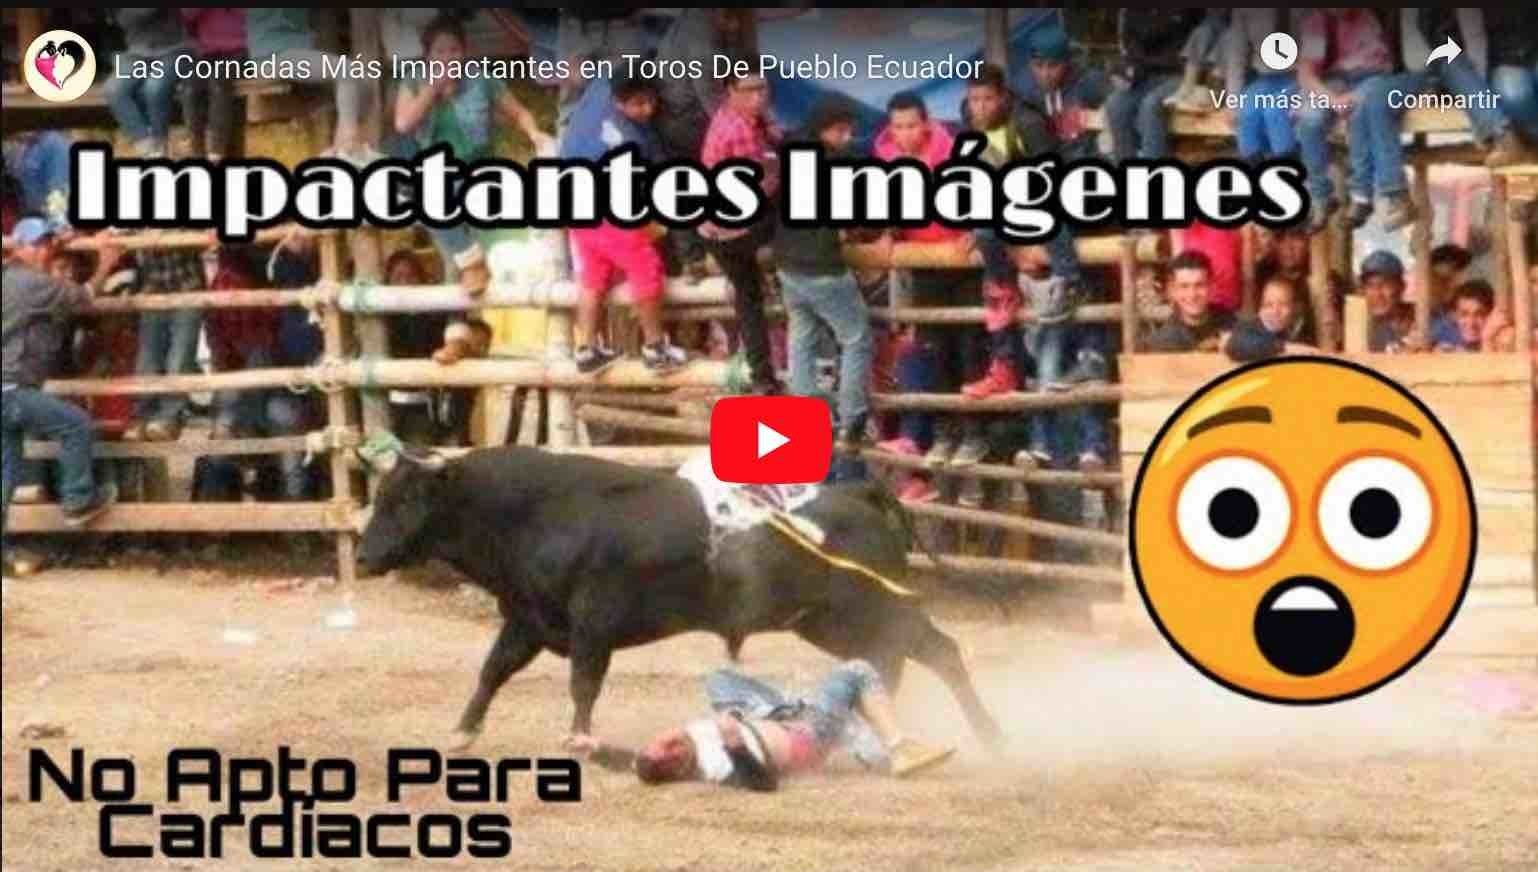 Photo of Video: Las Cornadas más Impactantes en Toros De Pueblo Ecuador (Fuertes Imágenes)